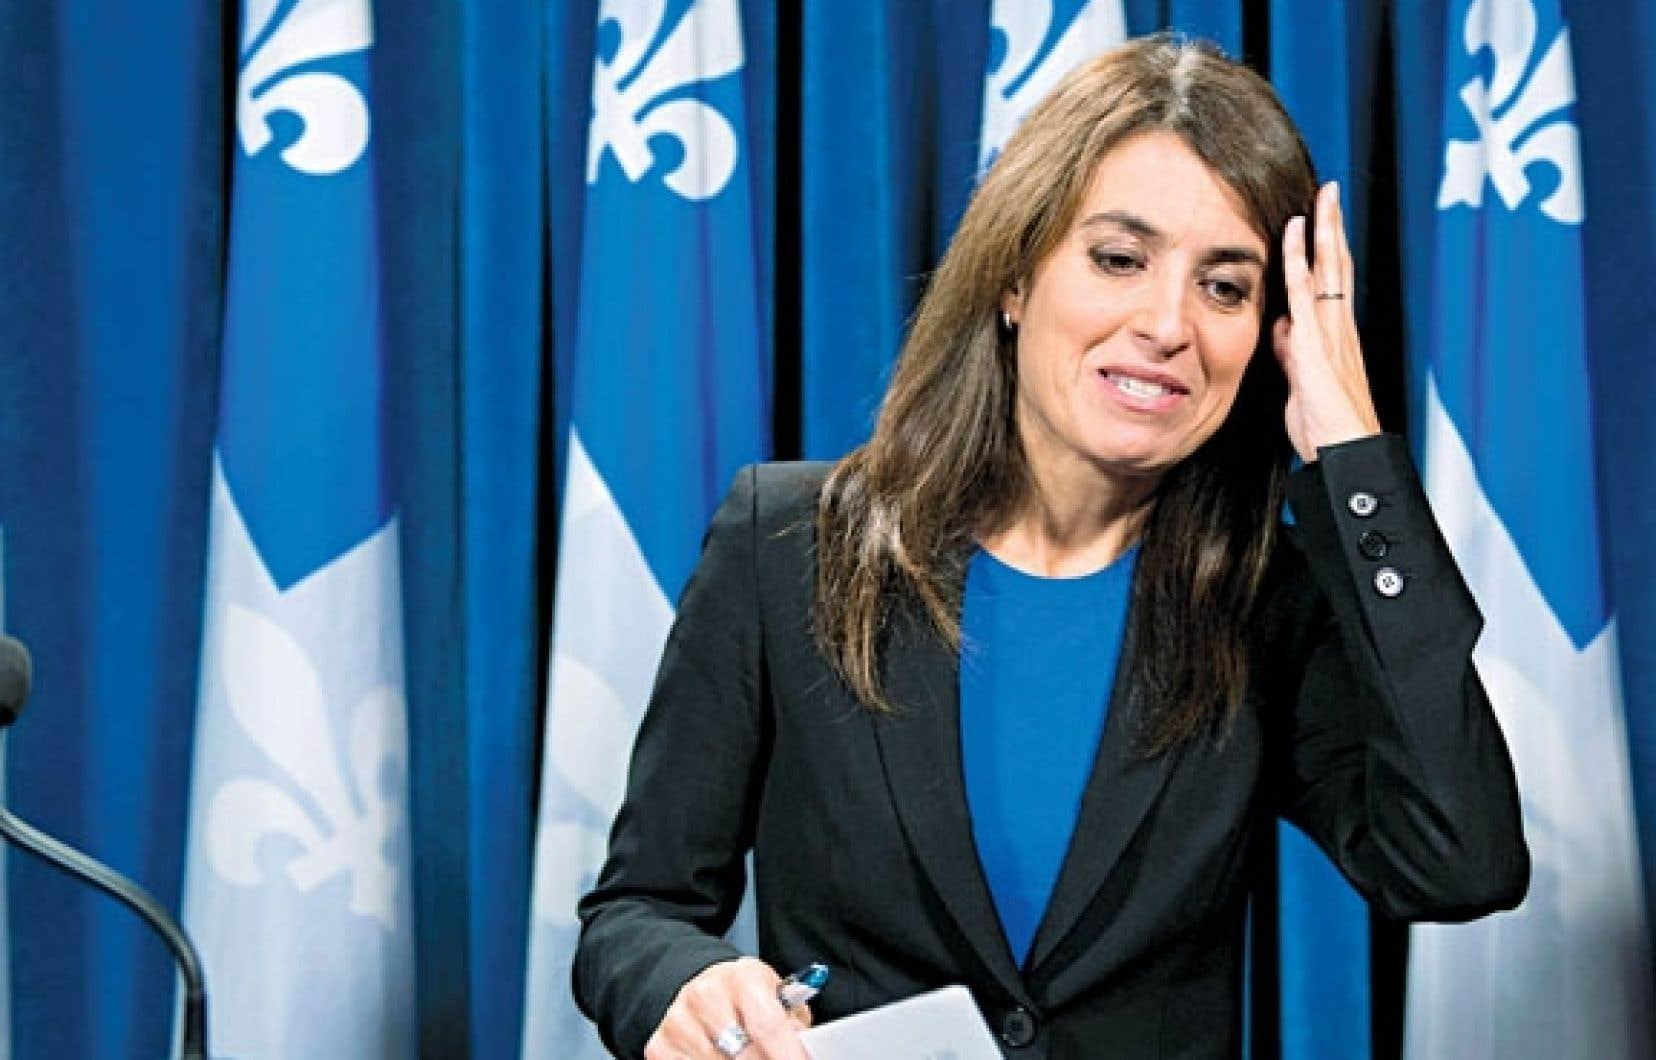 Véronique Hivon a indiqué qu'elle demeurera députée de Joliette.